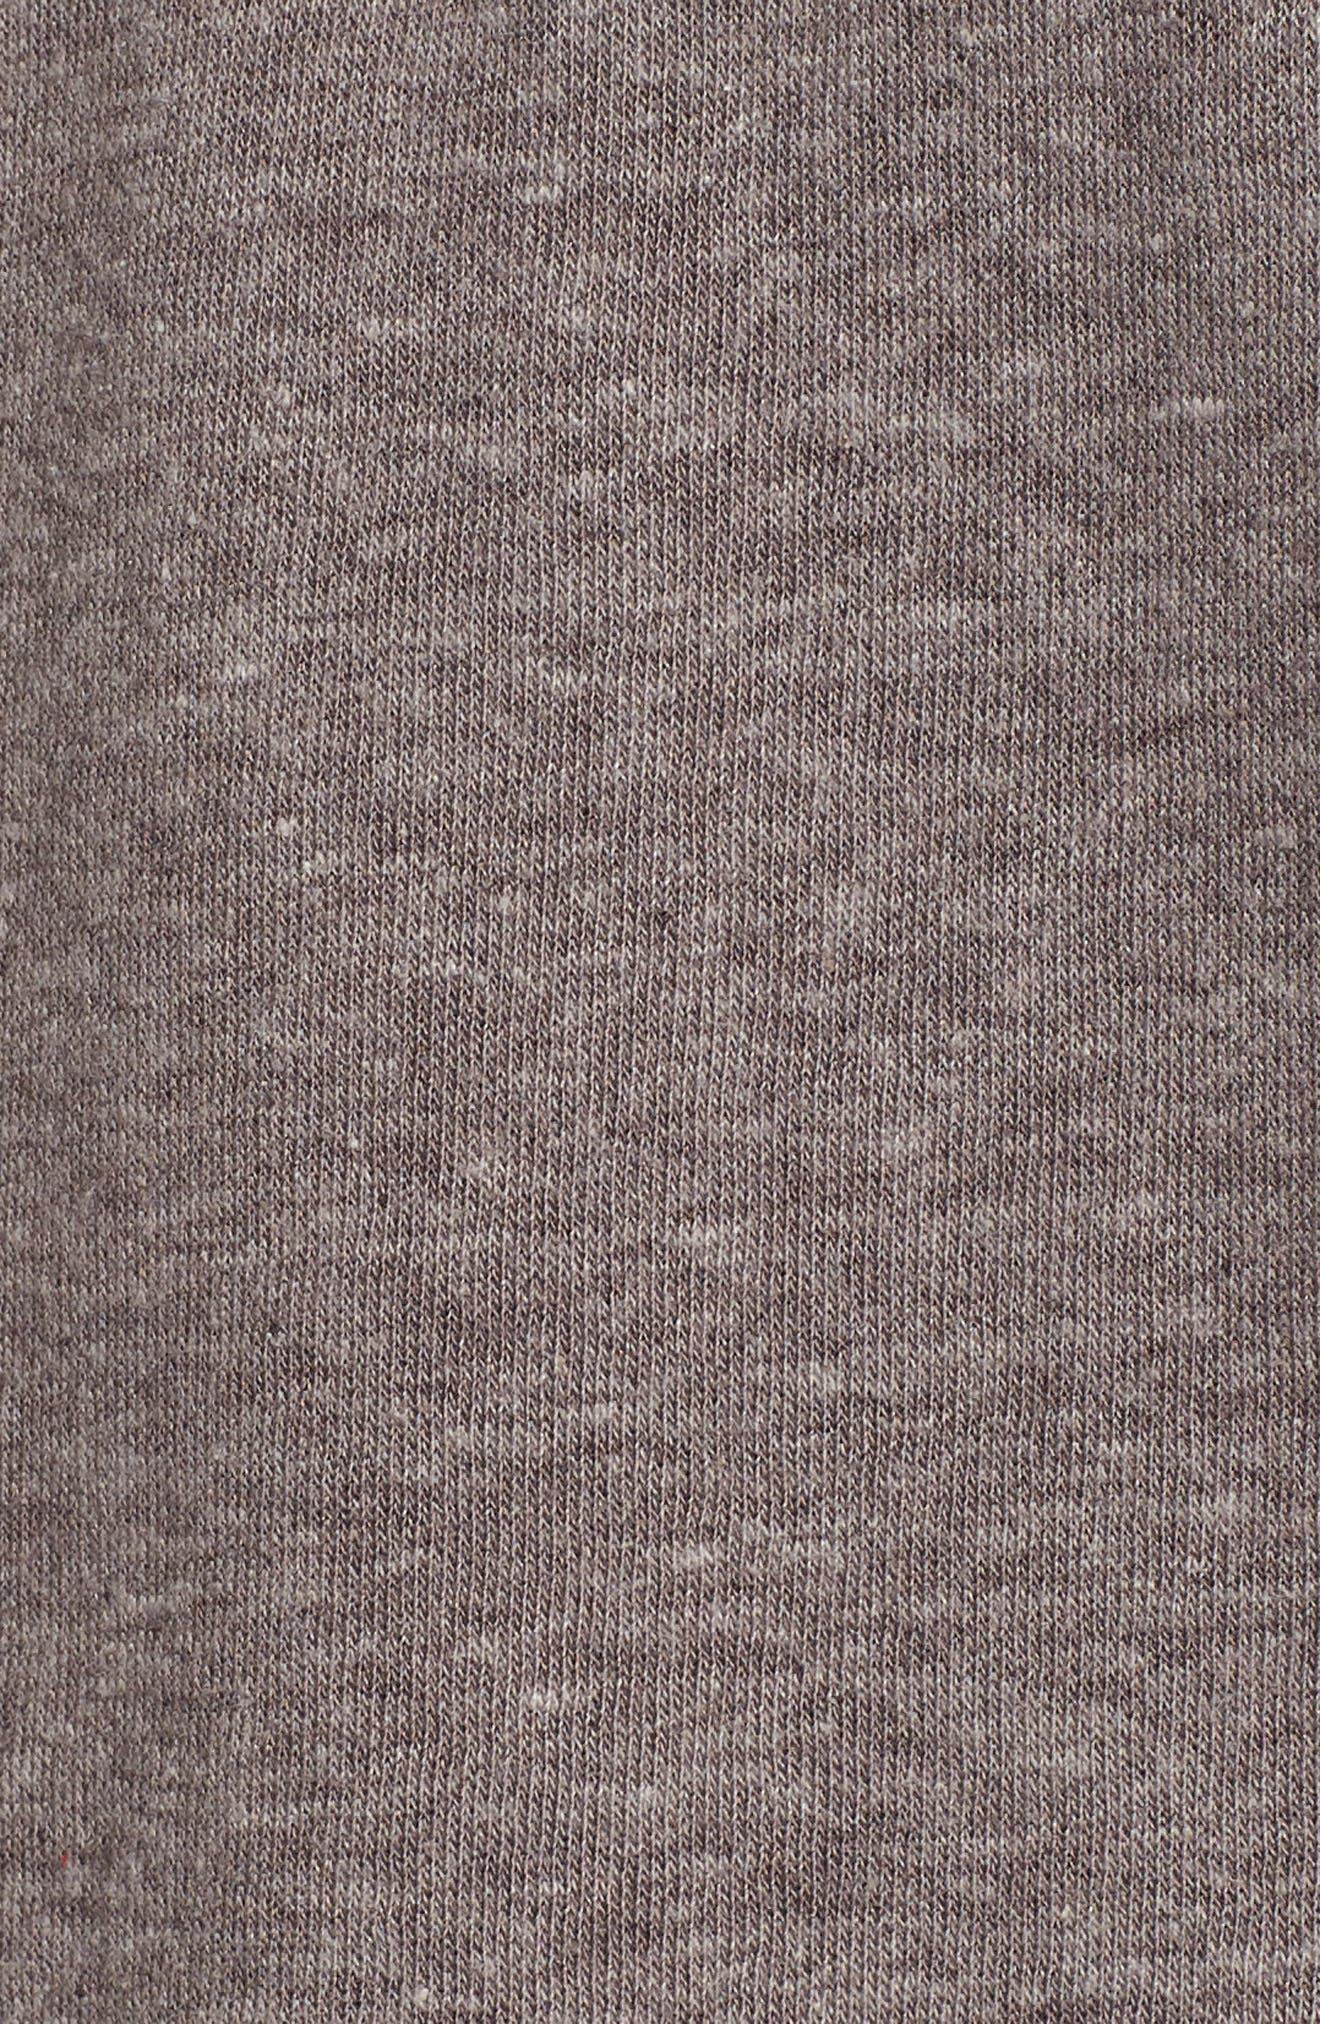 Good Vibes Rainbow Sweatshirt,                             Alternate thumbnail 6, color,                             050